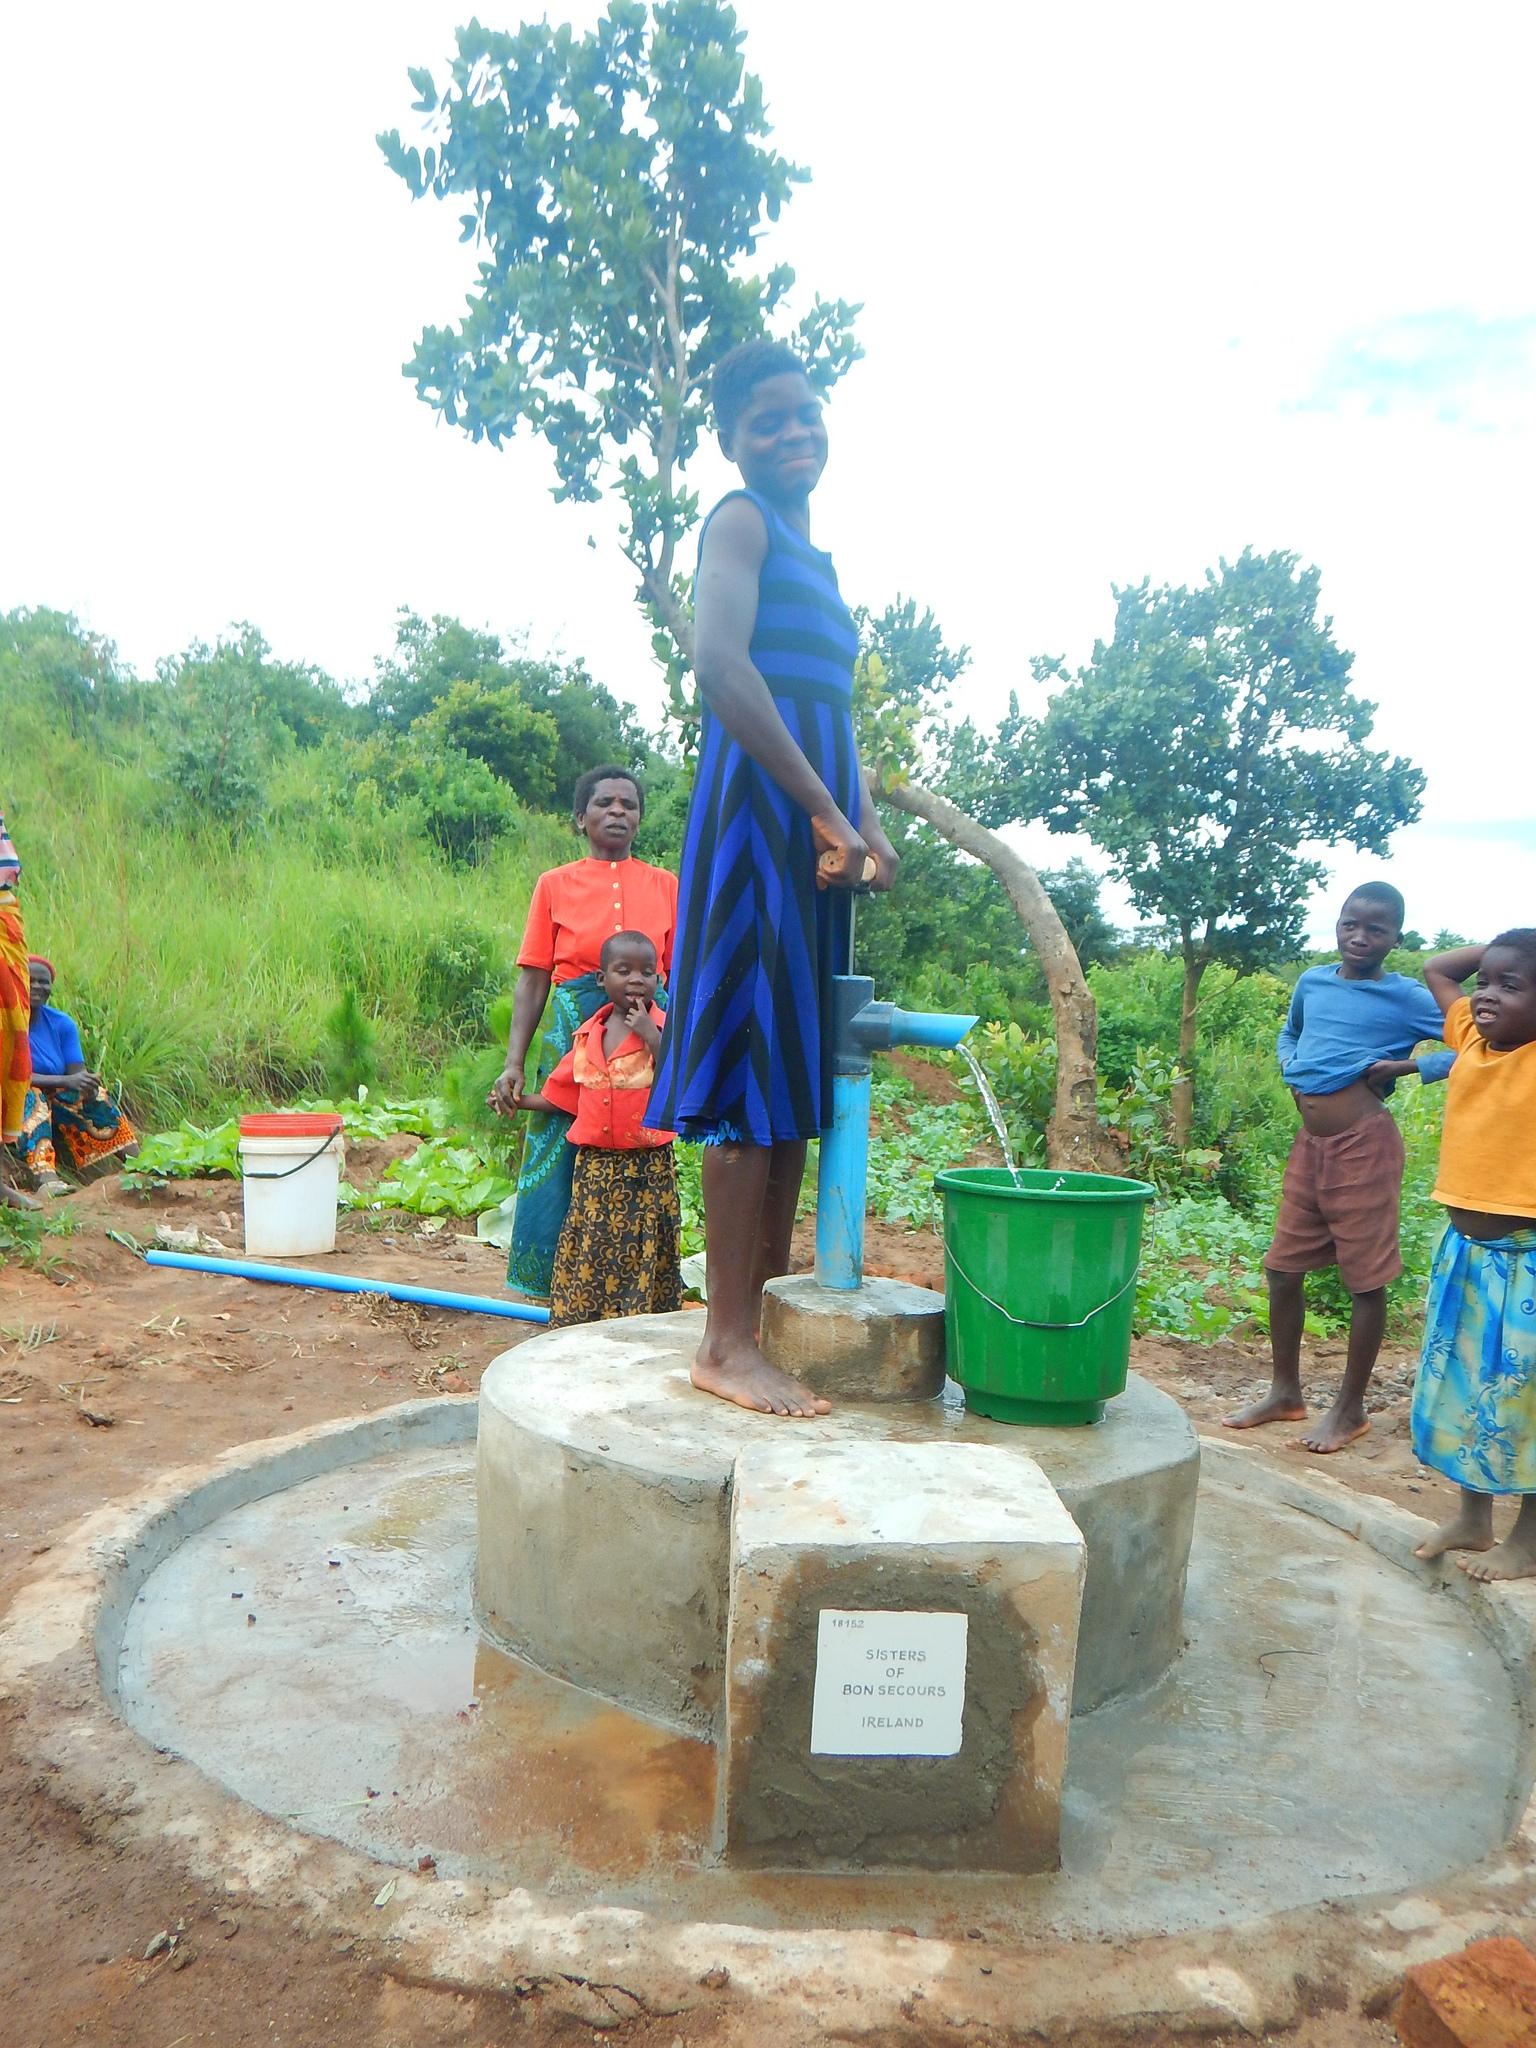 Bleya Kaunda